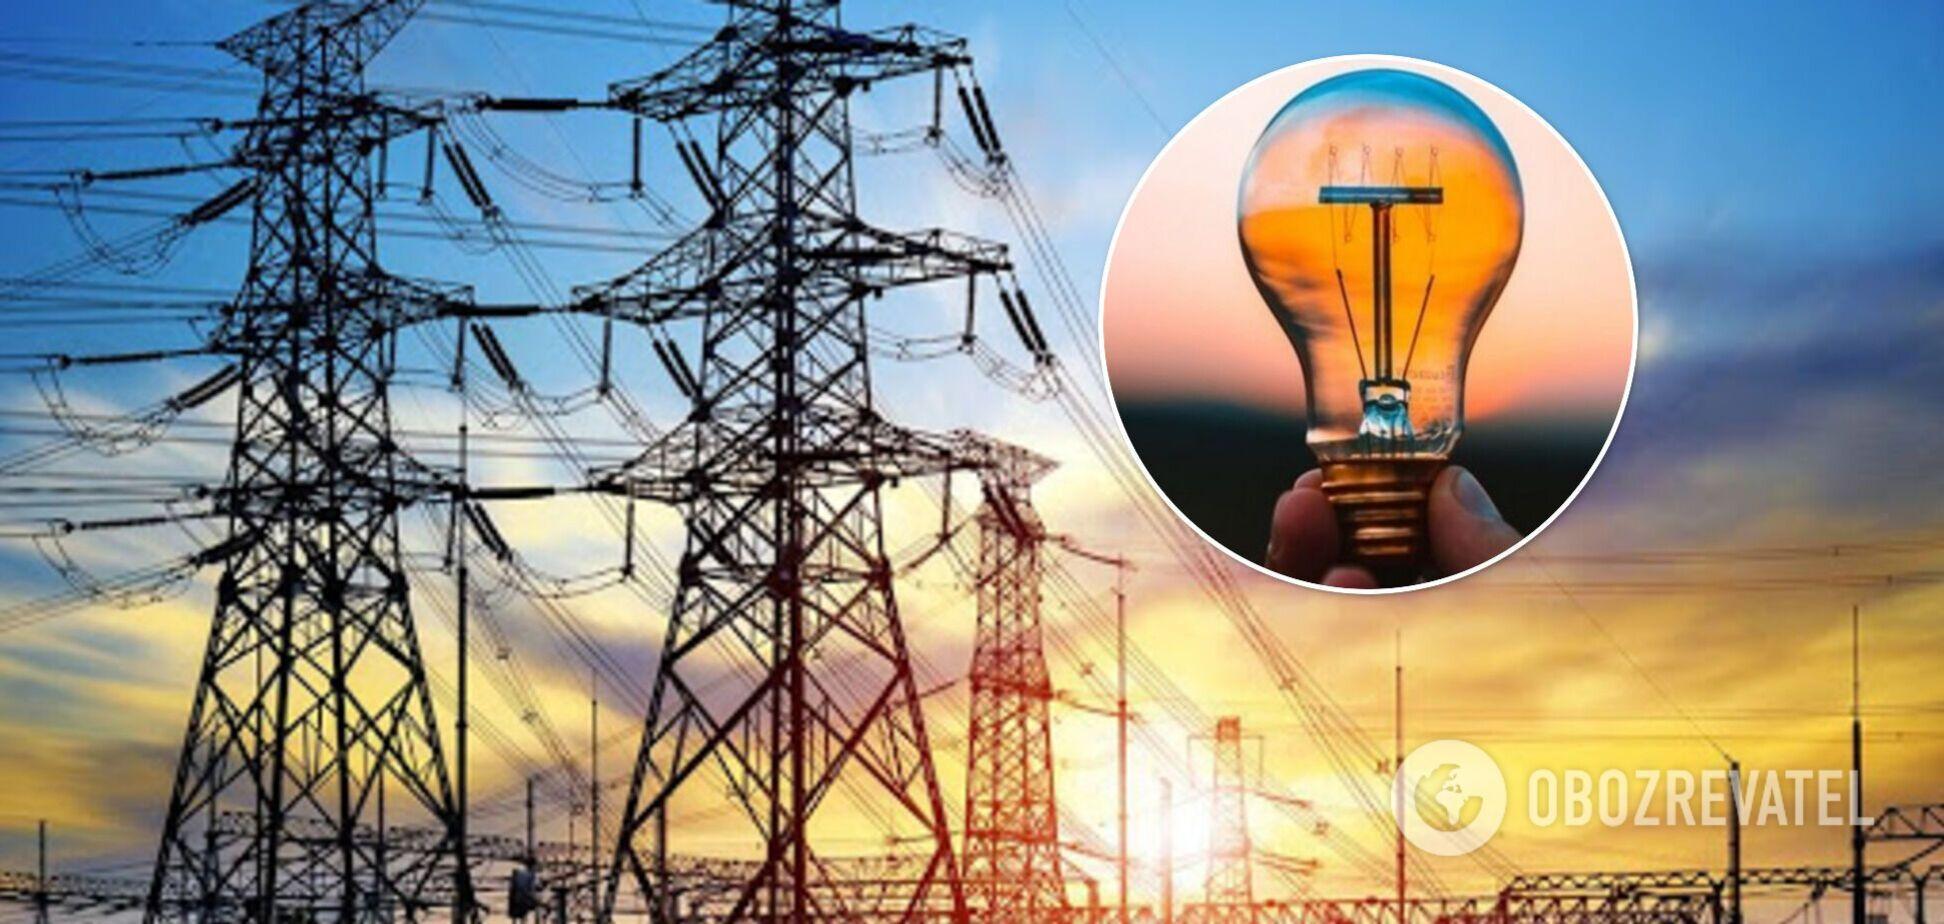 Історичний мінімум: трейдери обвалили ціну на електроенергію до 38 коп./КВтг